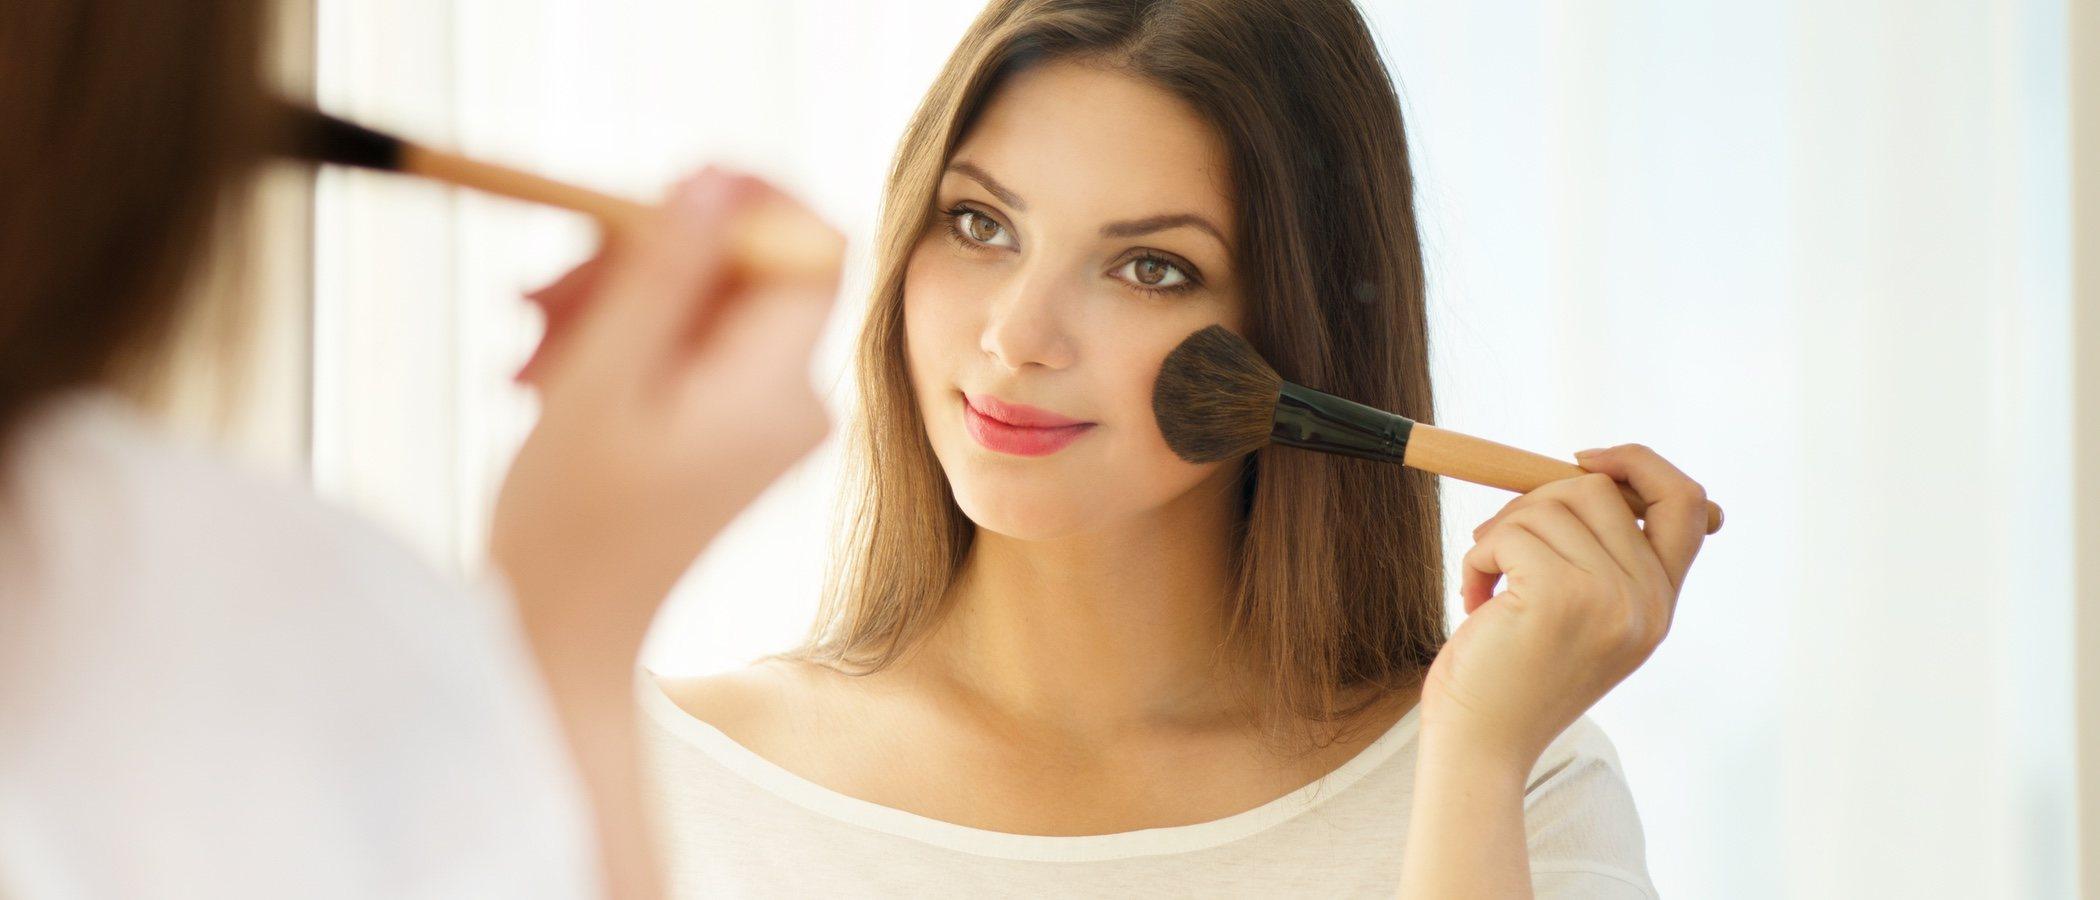 Cómo maquillarse para disimular la papada